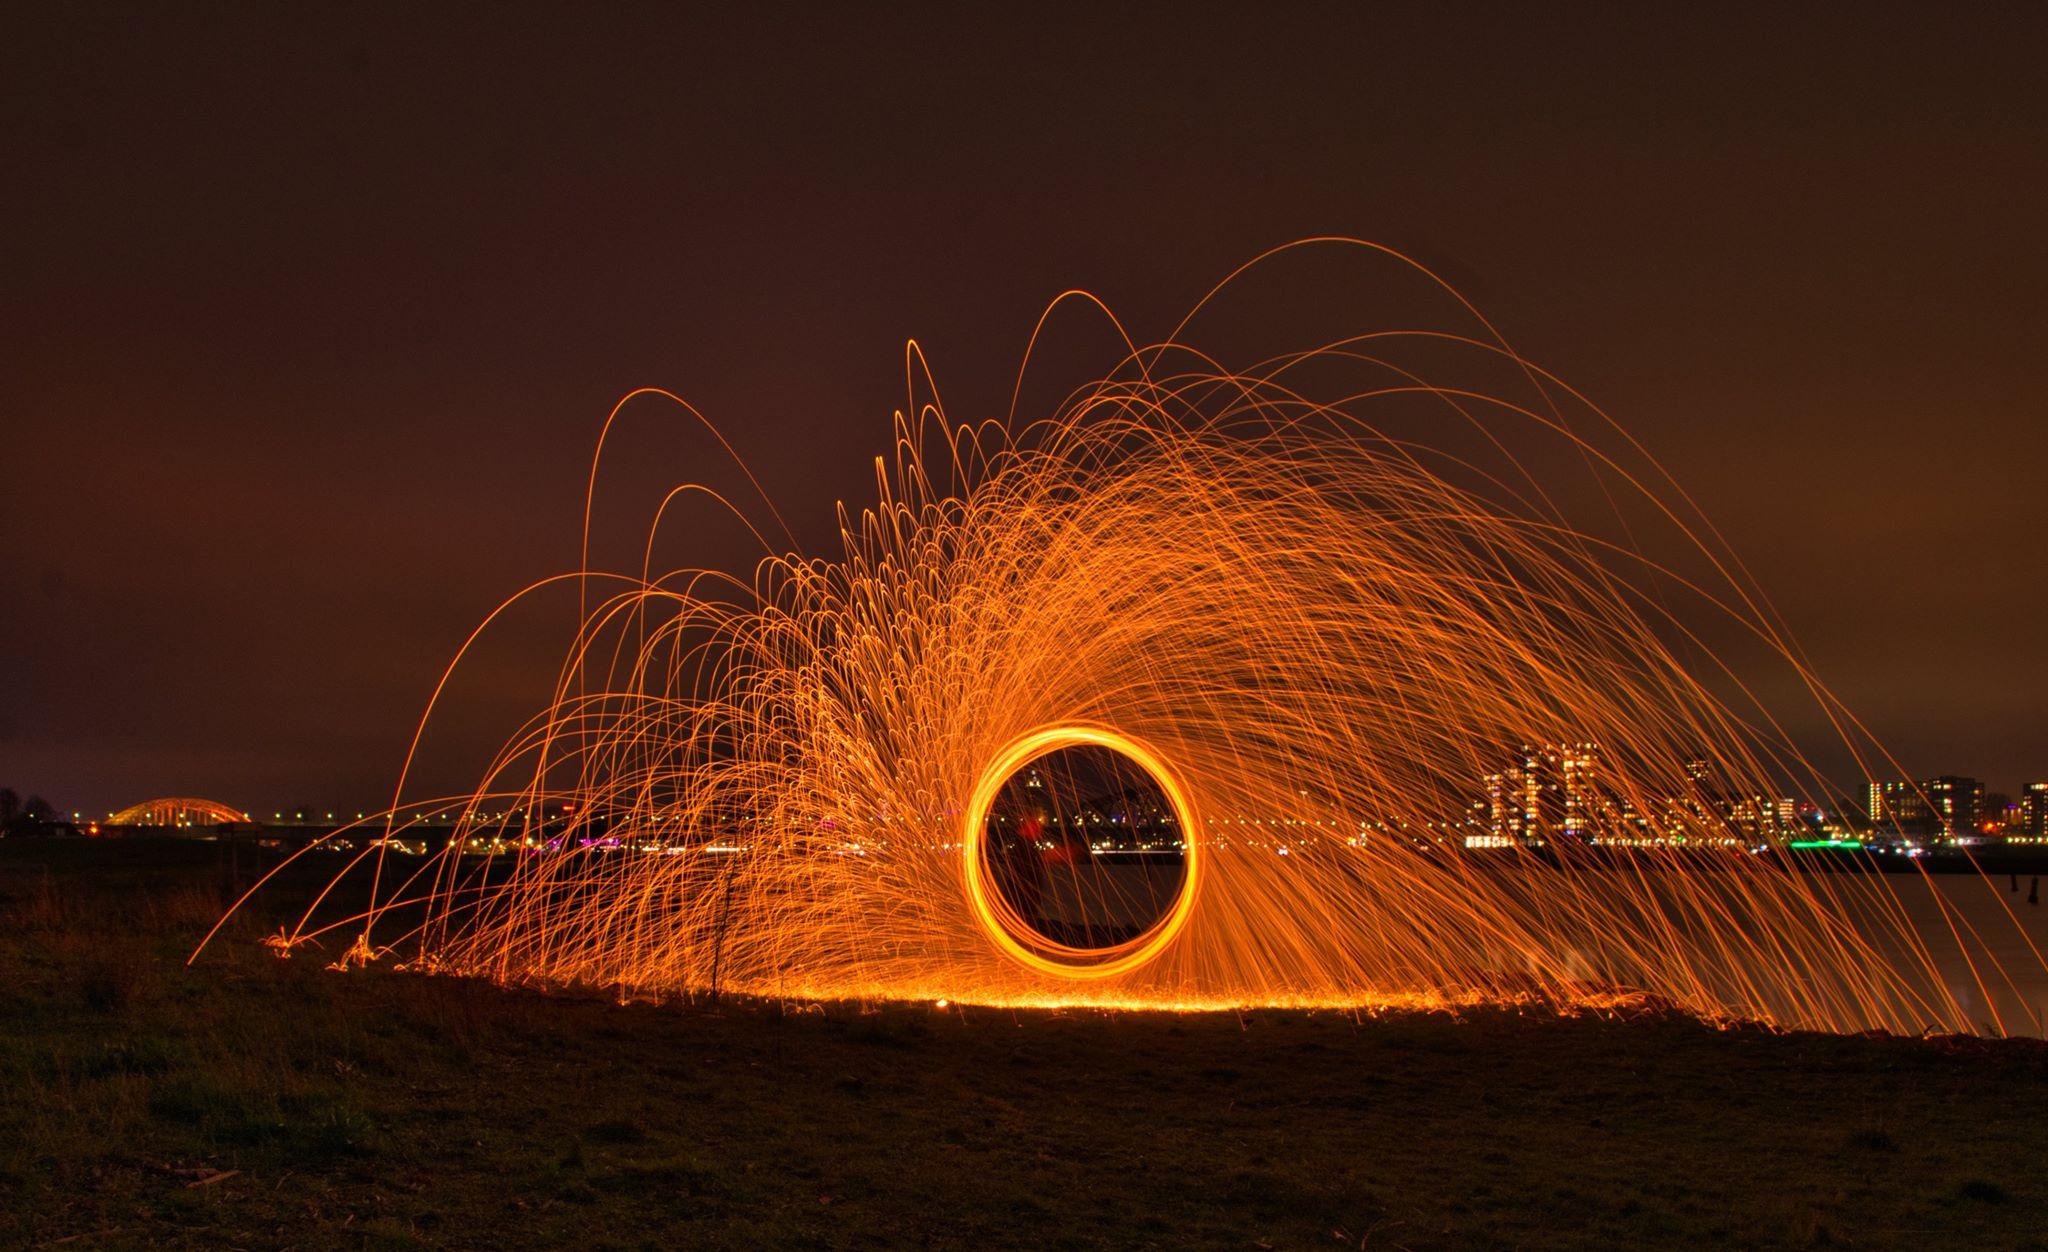 KIKO vuurshow - vuur jongleren spetters aan de Waal in Nijmegen met waalbrug